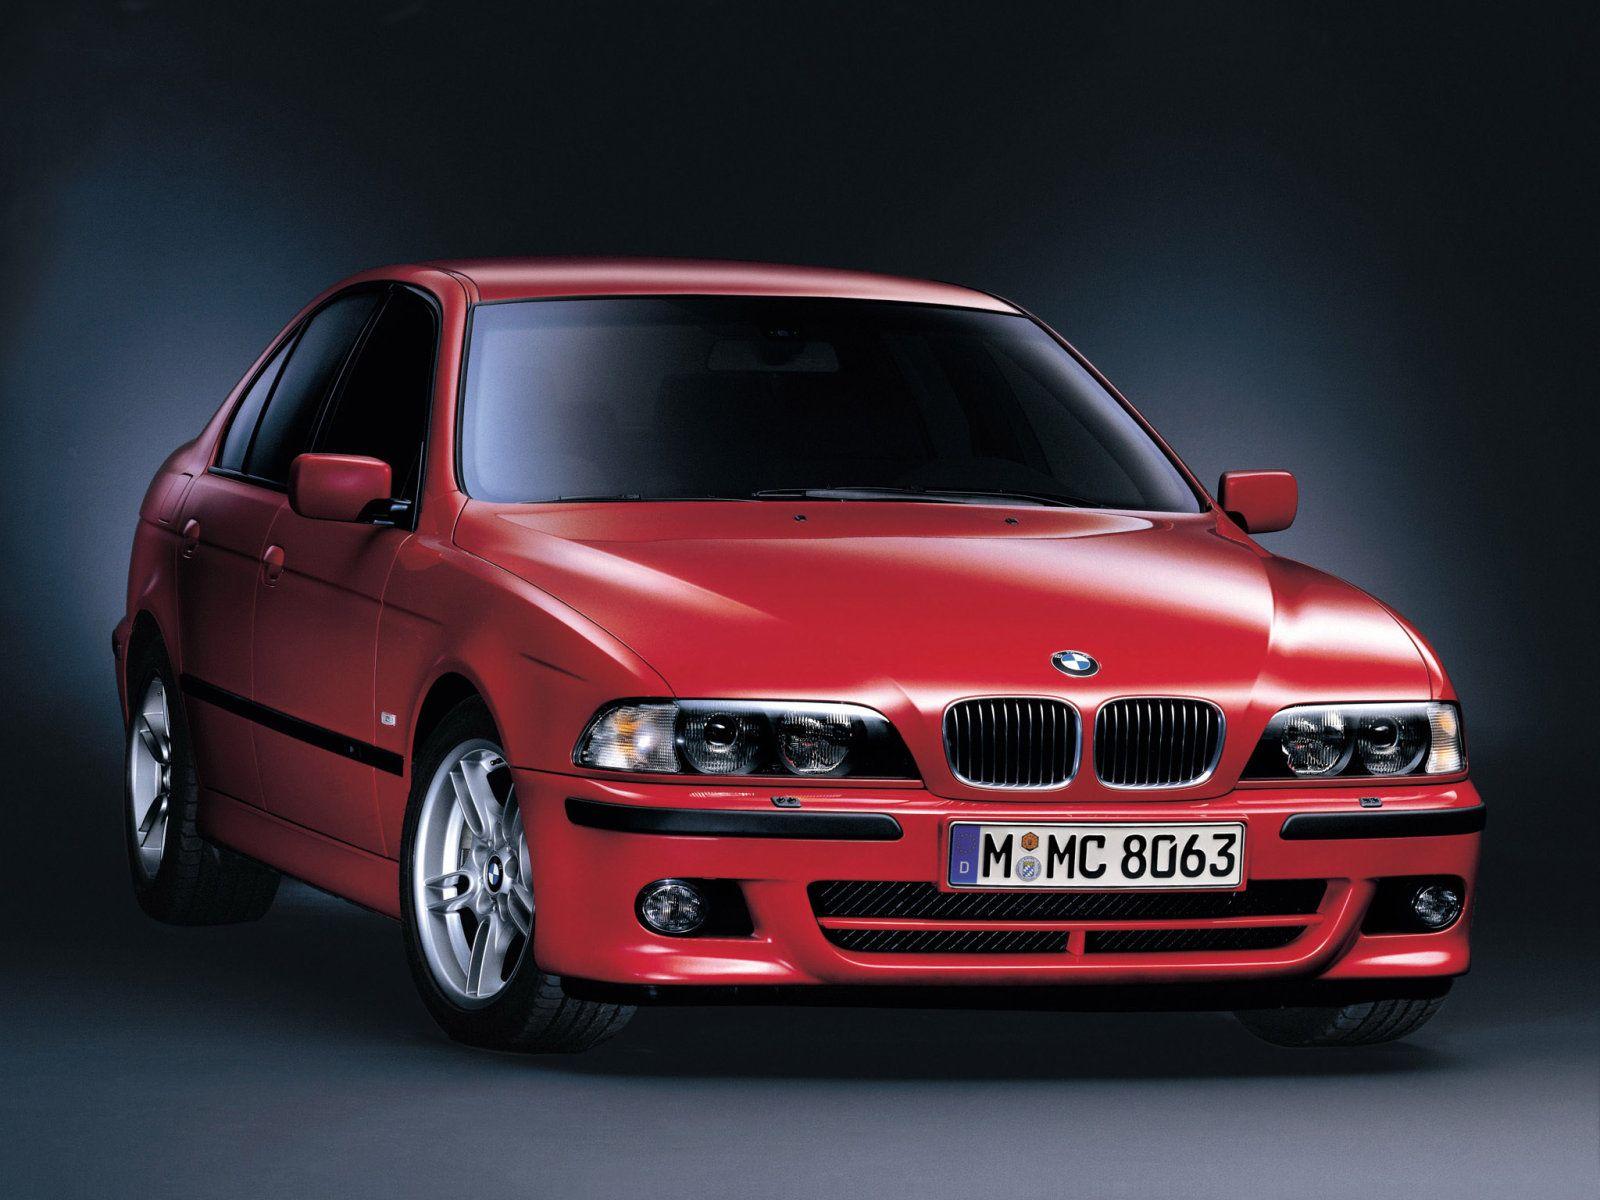 2002 BMW 5 Series M Sports Package Sedan